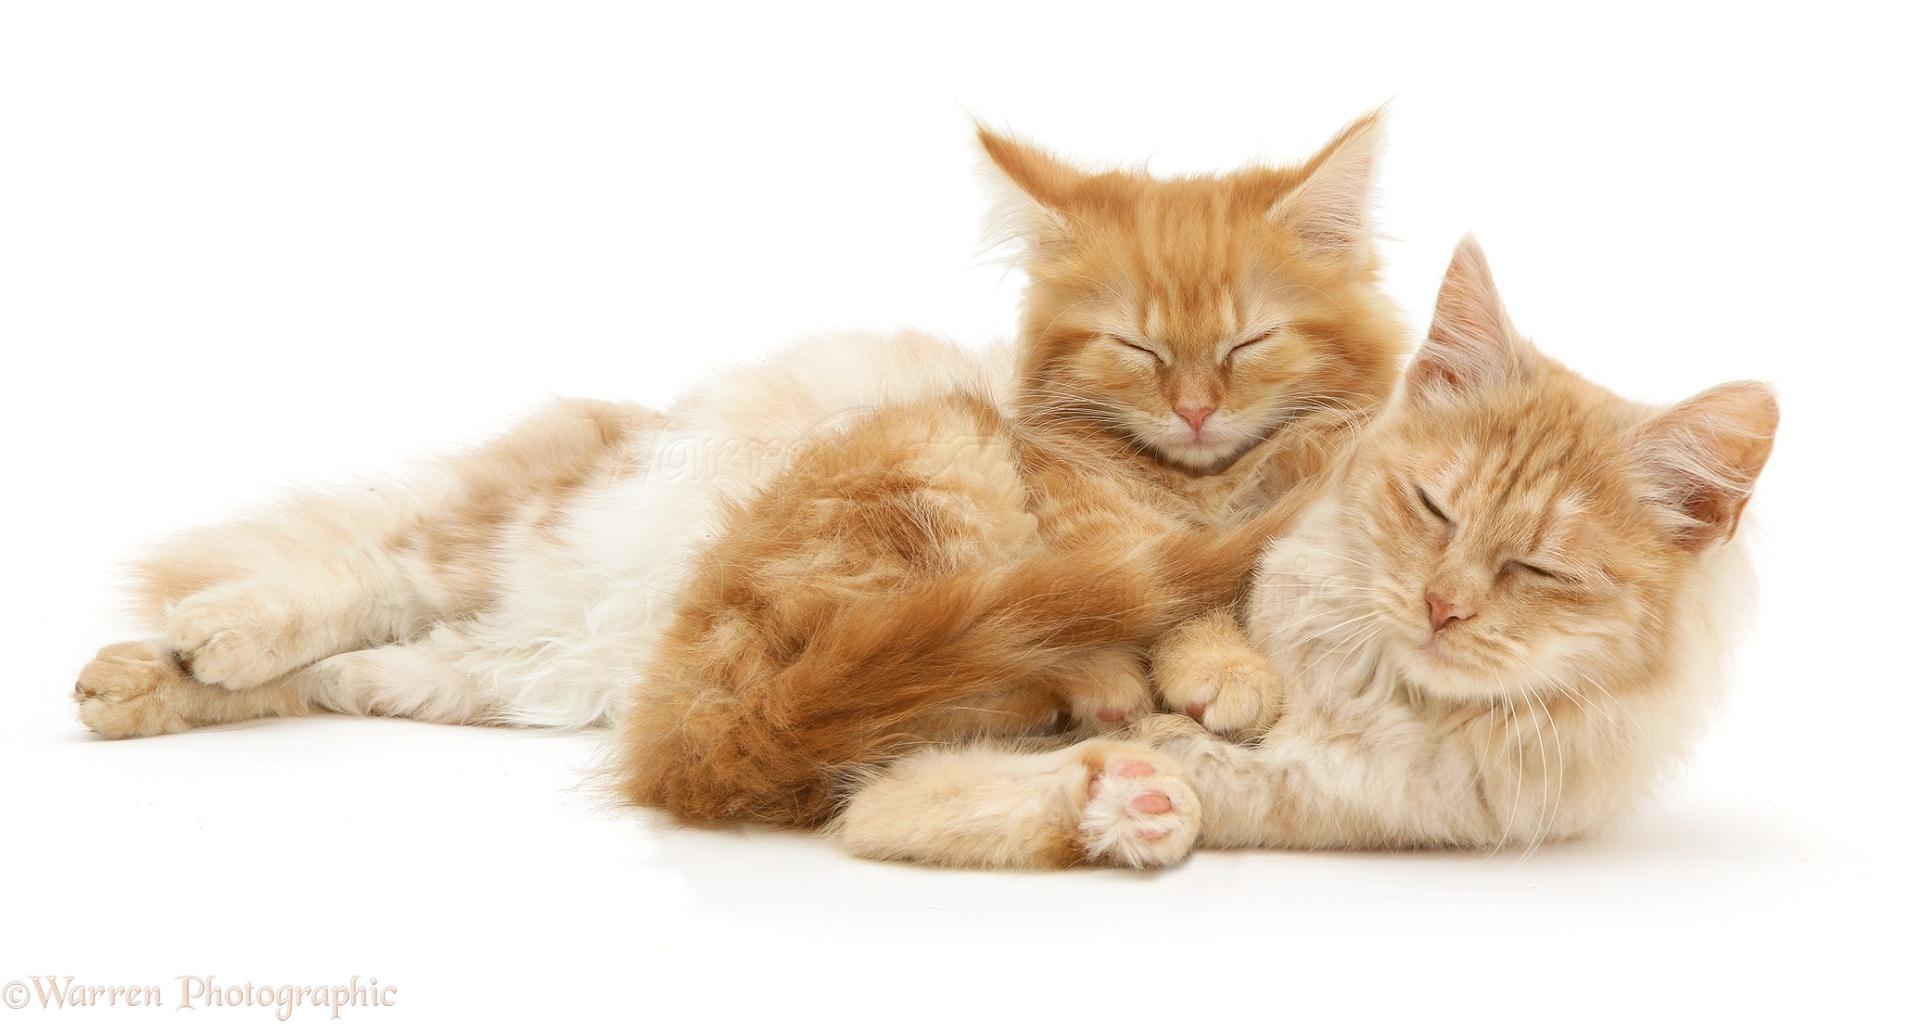 Sleepy Ginger Maine Coon Kitten And Angora Cat Photo Wp27626